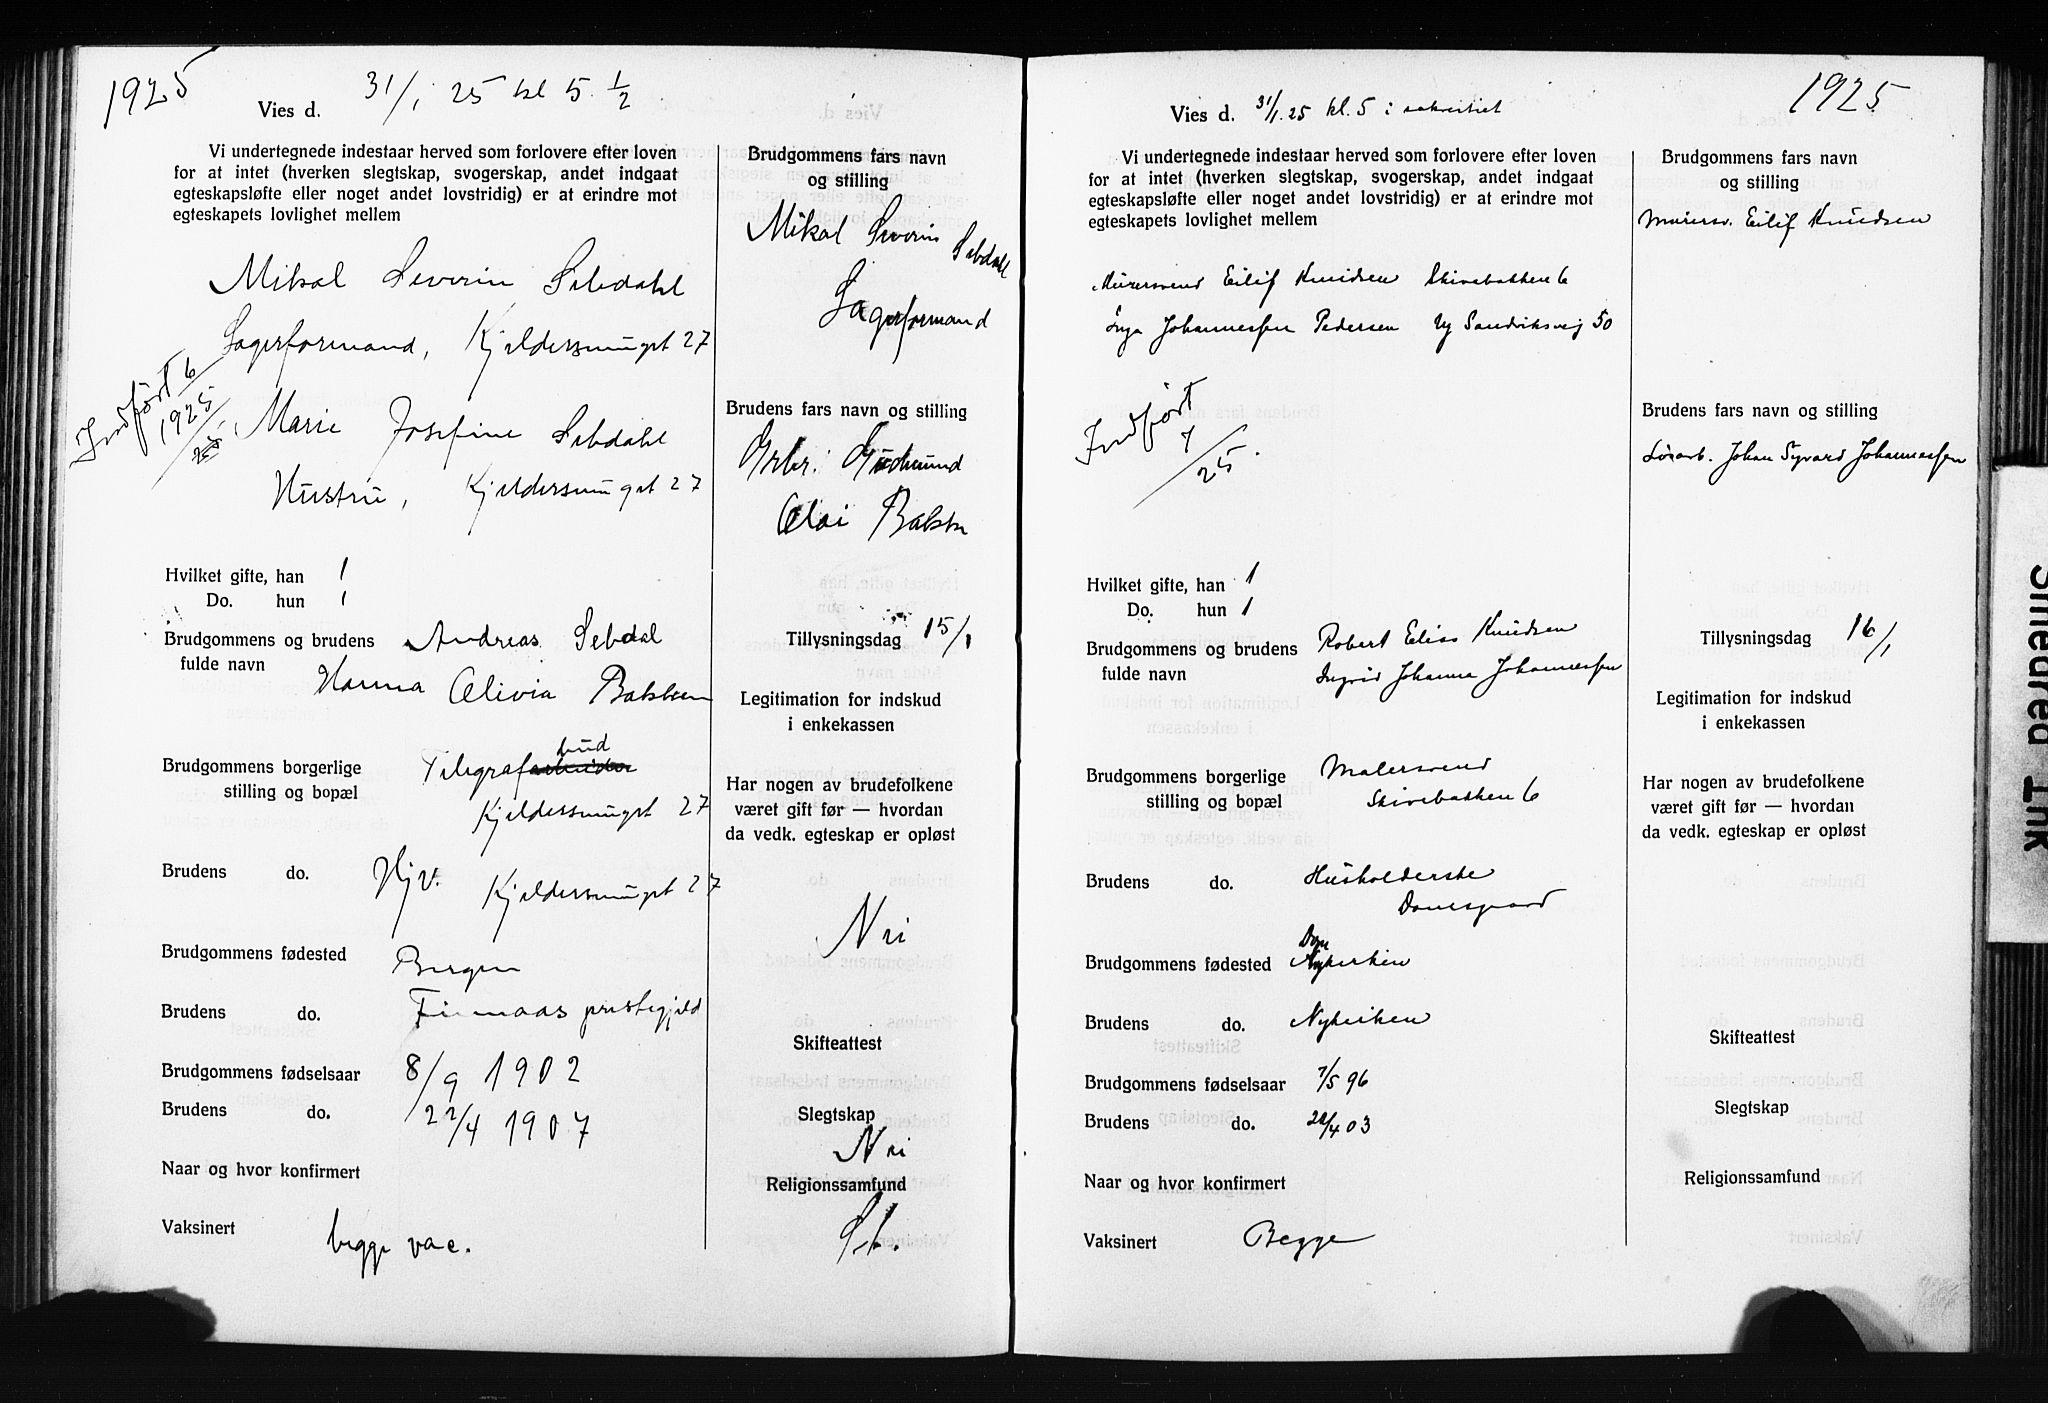 SAB, Domkirken Sokneprestembete, Forlovererklæringer nr. II.5.14, 1922-1927, s. 178